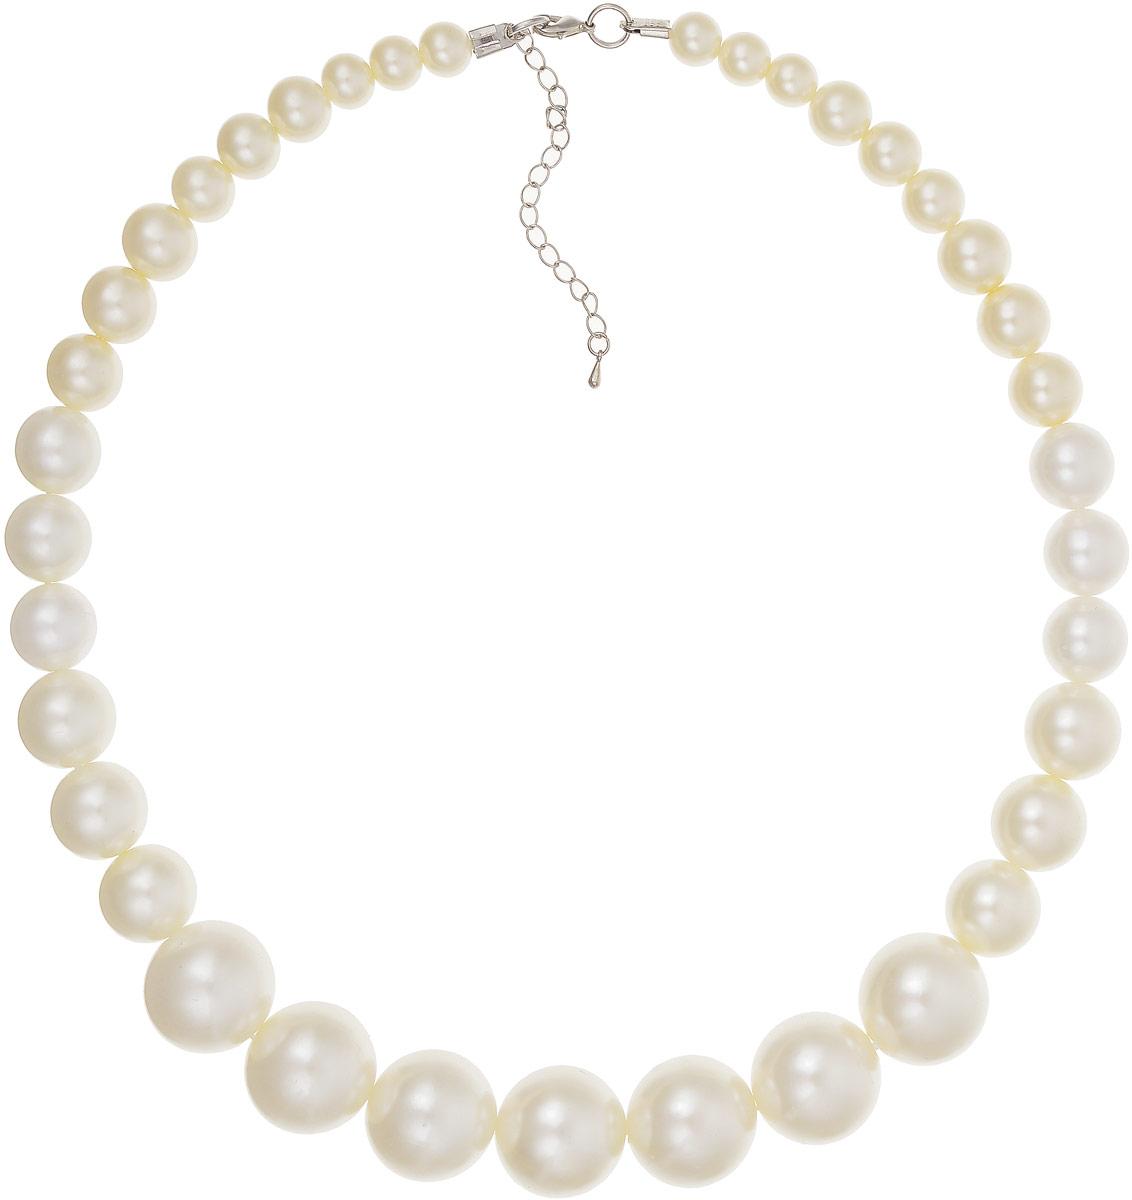 Ожерелье Art-Silver, цвет: белый. 23117-292Колье (короткие одноярусные бусы)Ожерелье Art-Silver выполнено из жемчуга разных разного размера. Модель застегивается на карабин и регулируется по длине.